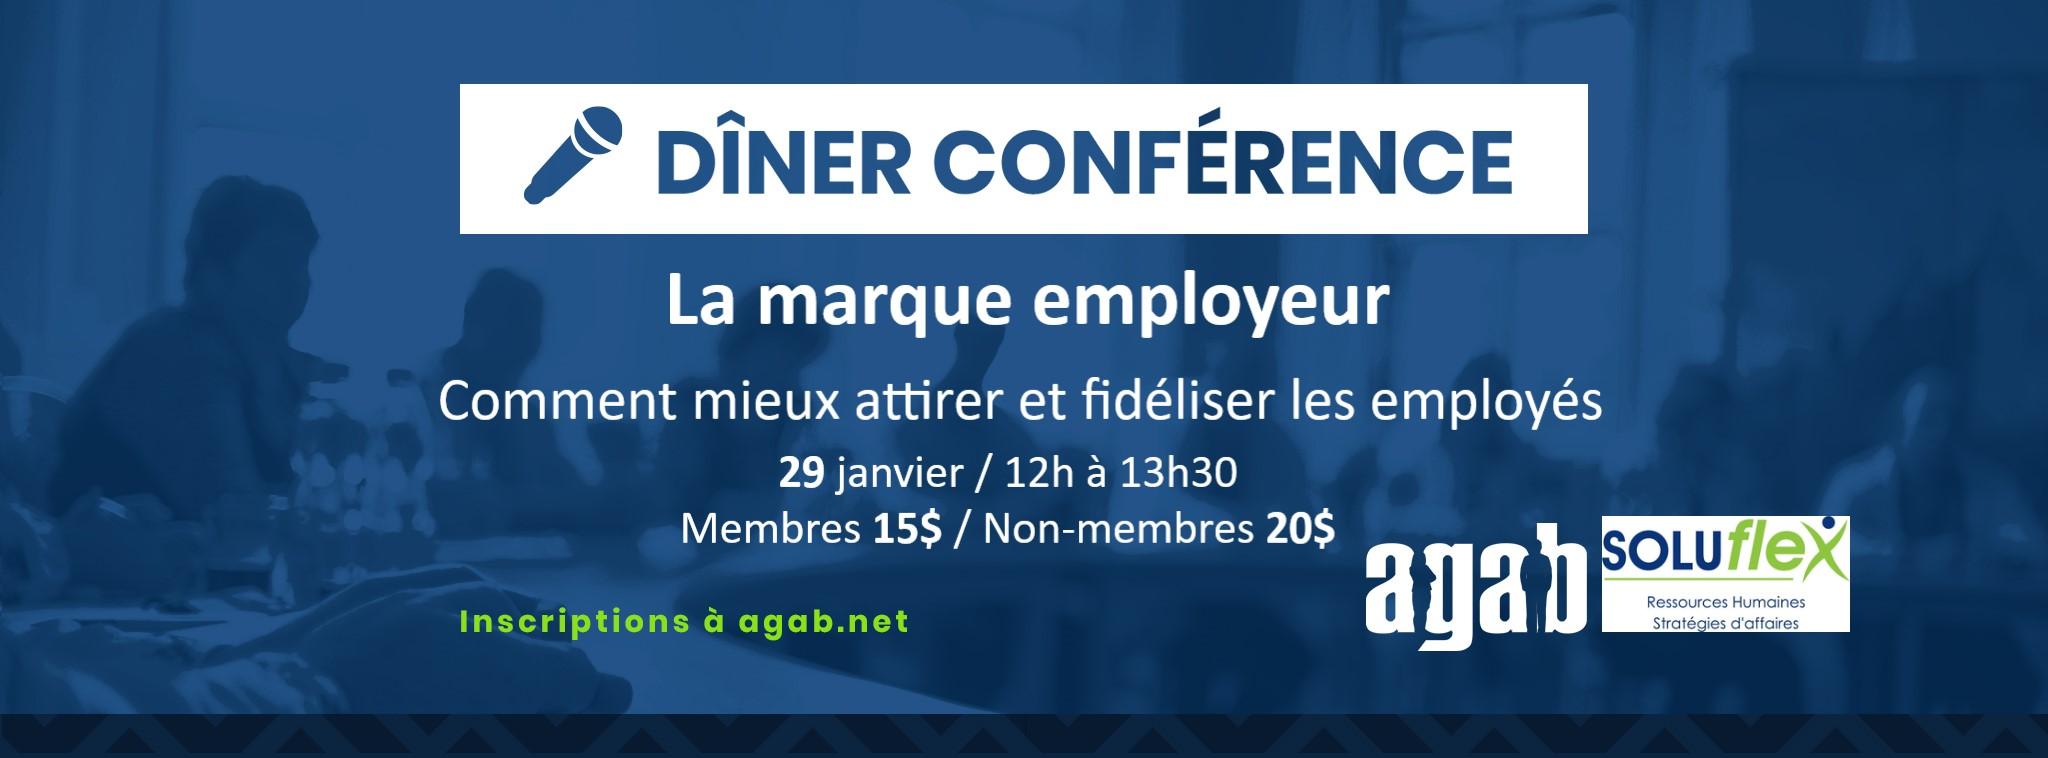 Dîner-conférence - La marque employeur